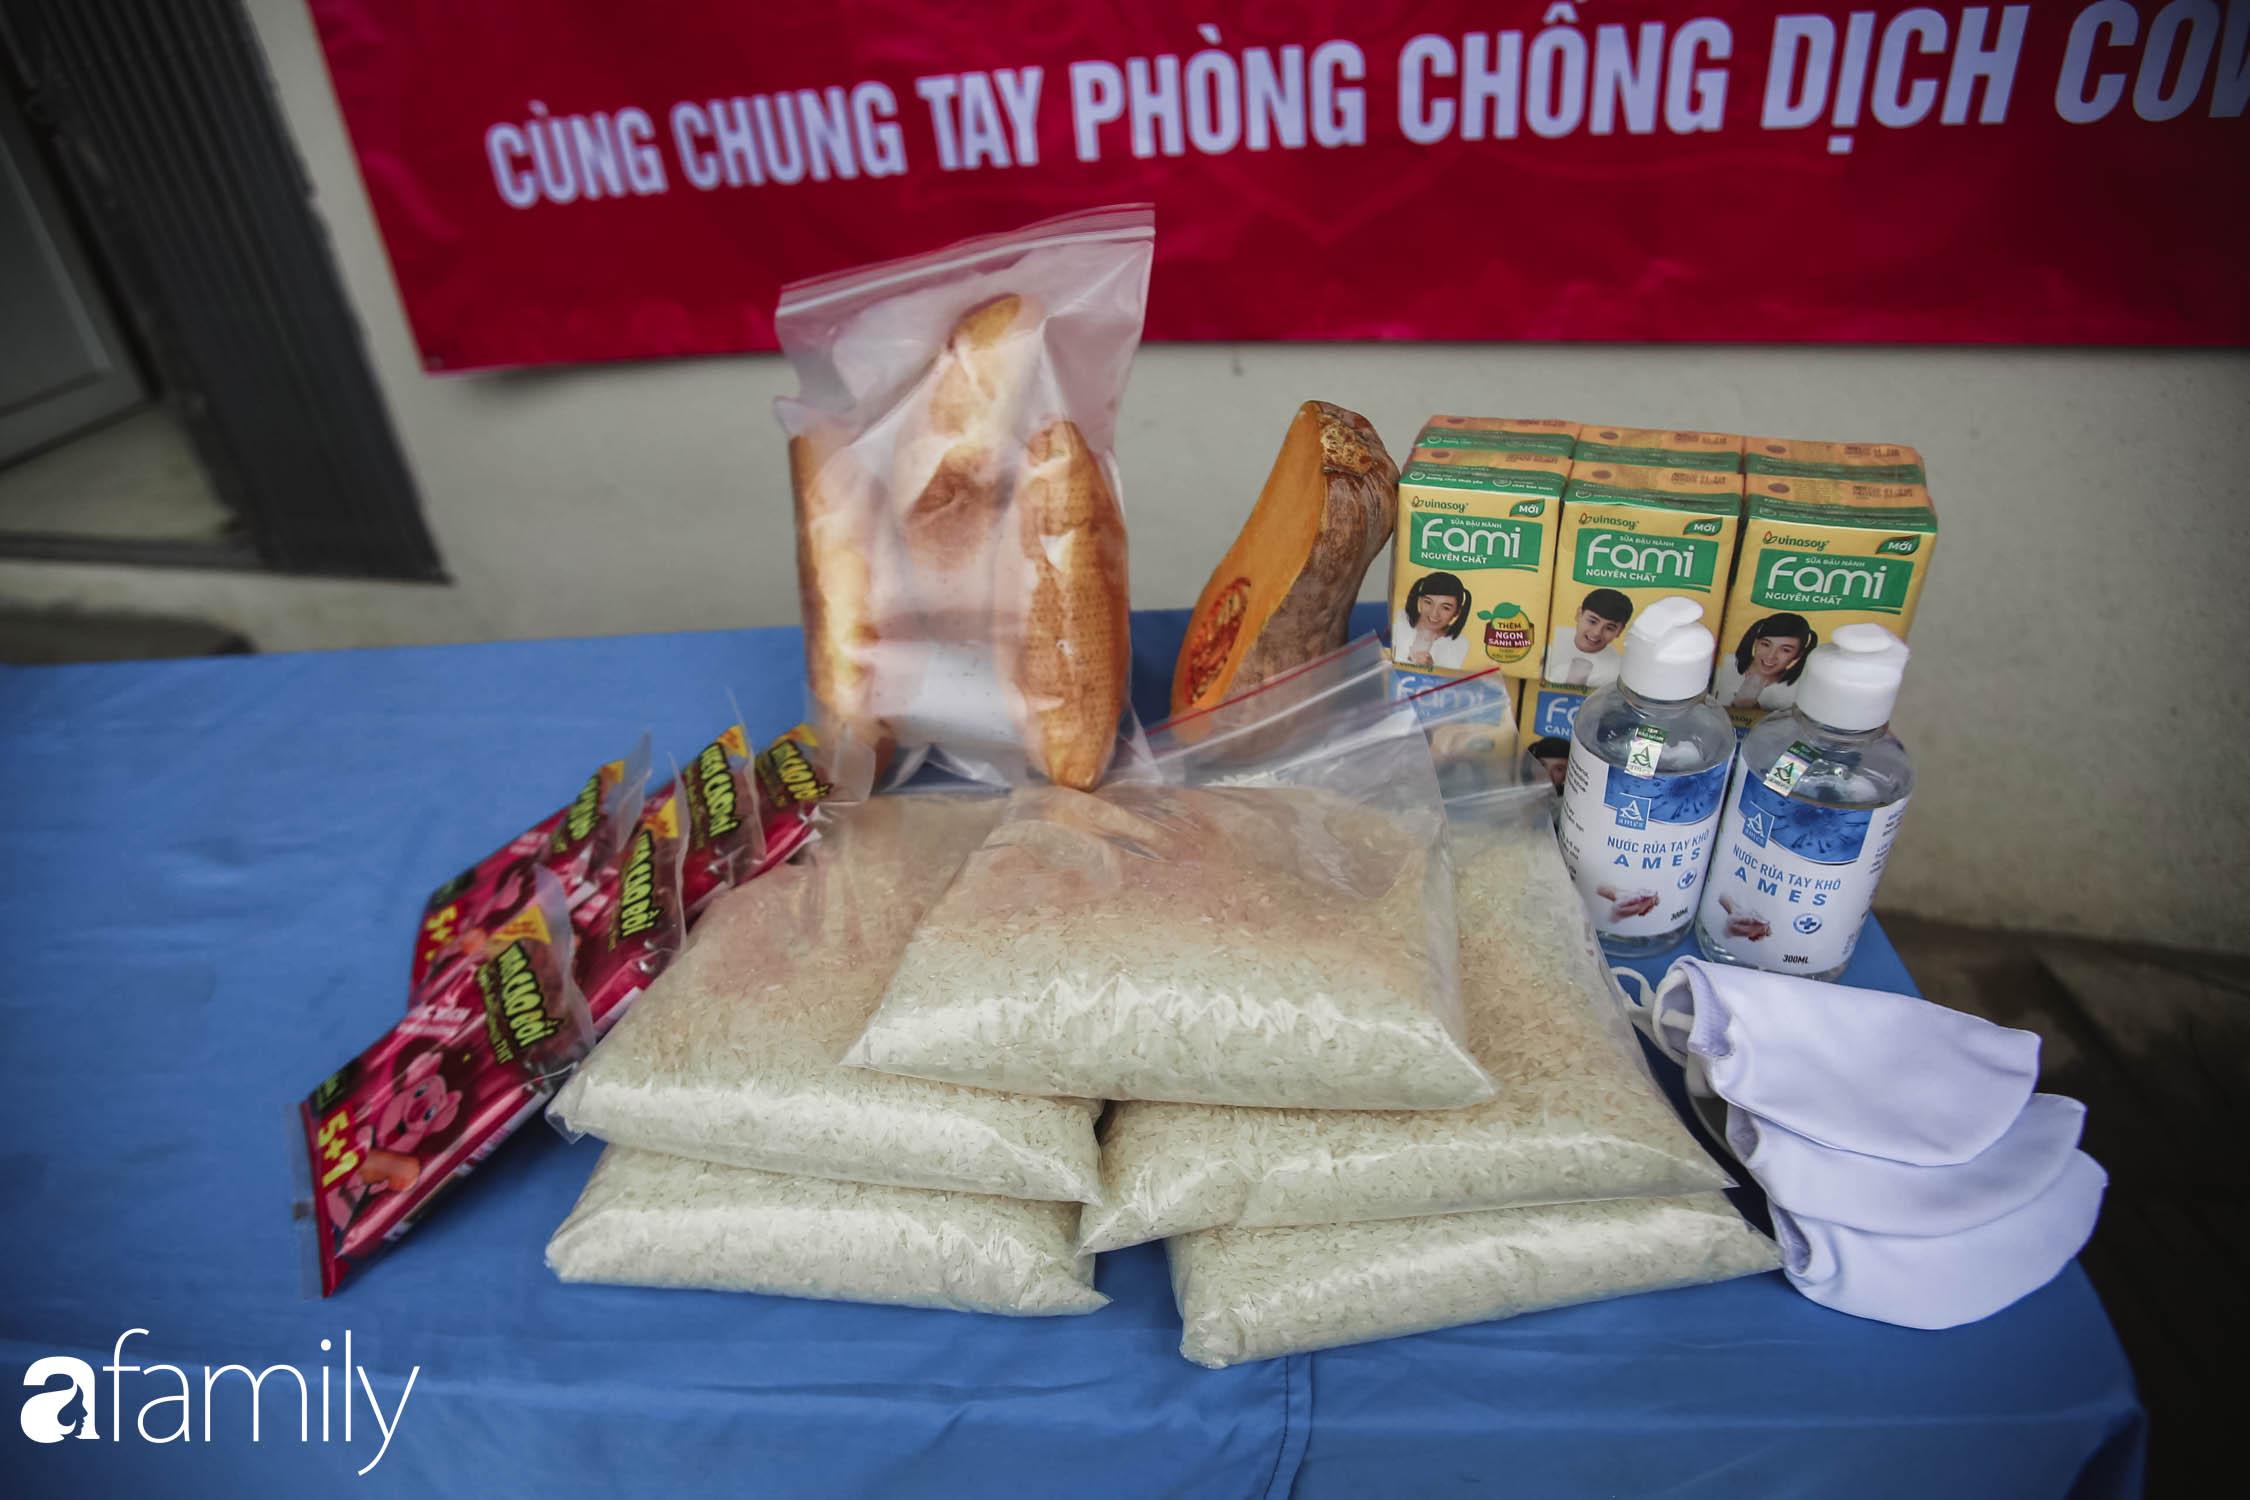 Những ngày cách ly chống dịch: Nhiều điểm phát lương thực mở ra như món quà vô giá với sinh viên nghèo, lao động thất nghiệp cố bám trụ lại Thủ đô - Ảnh 6.